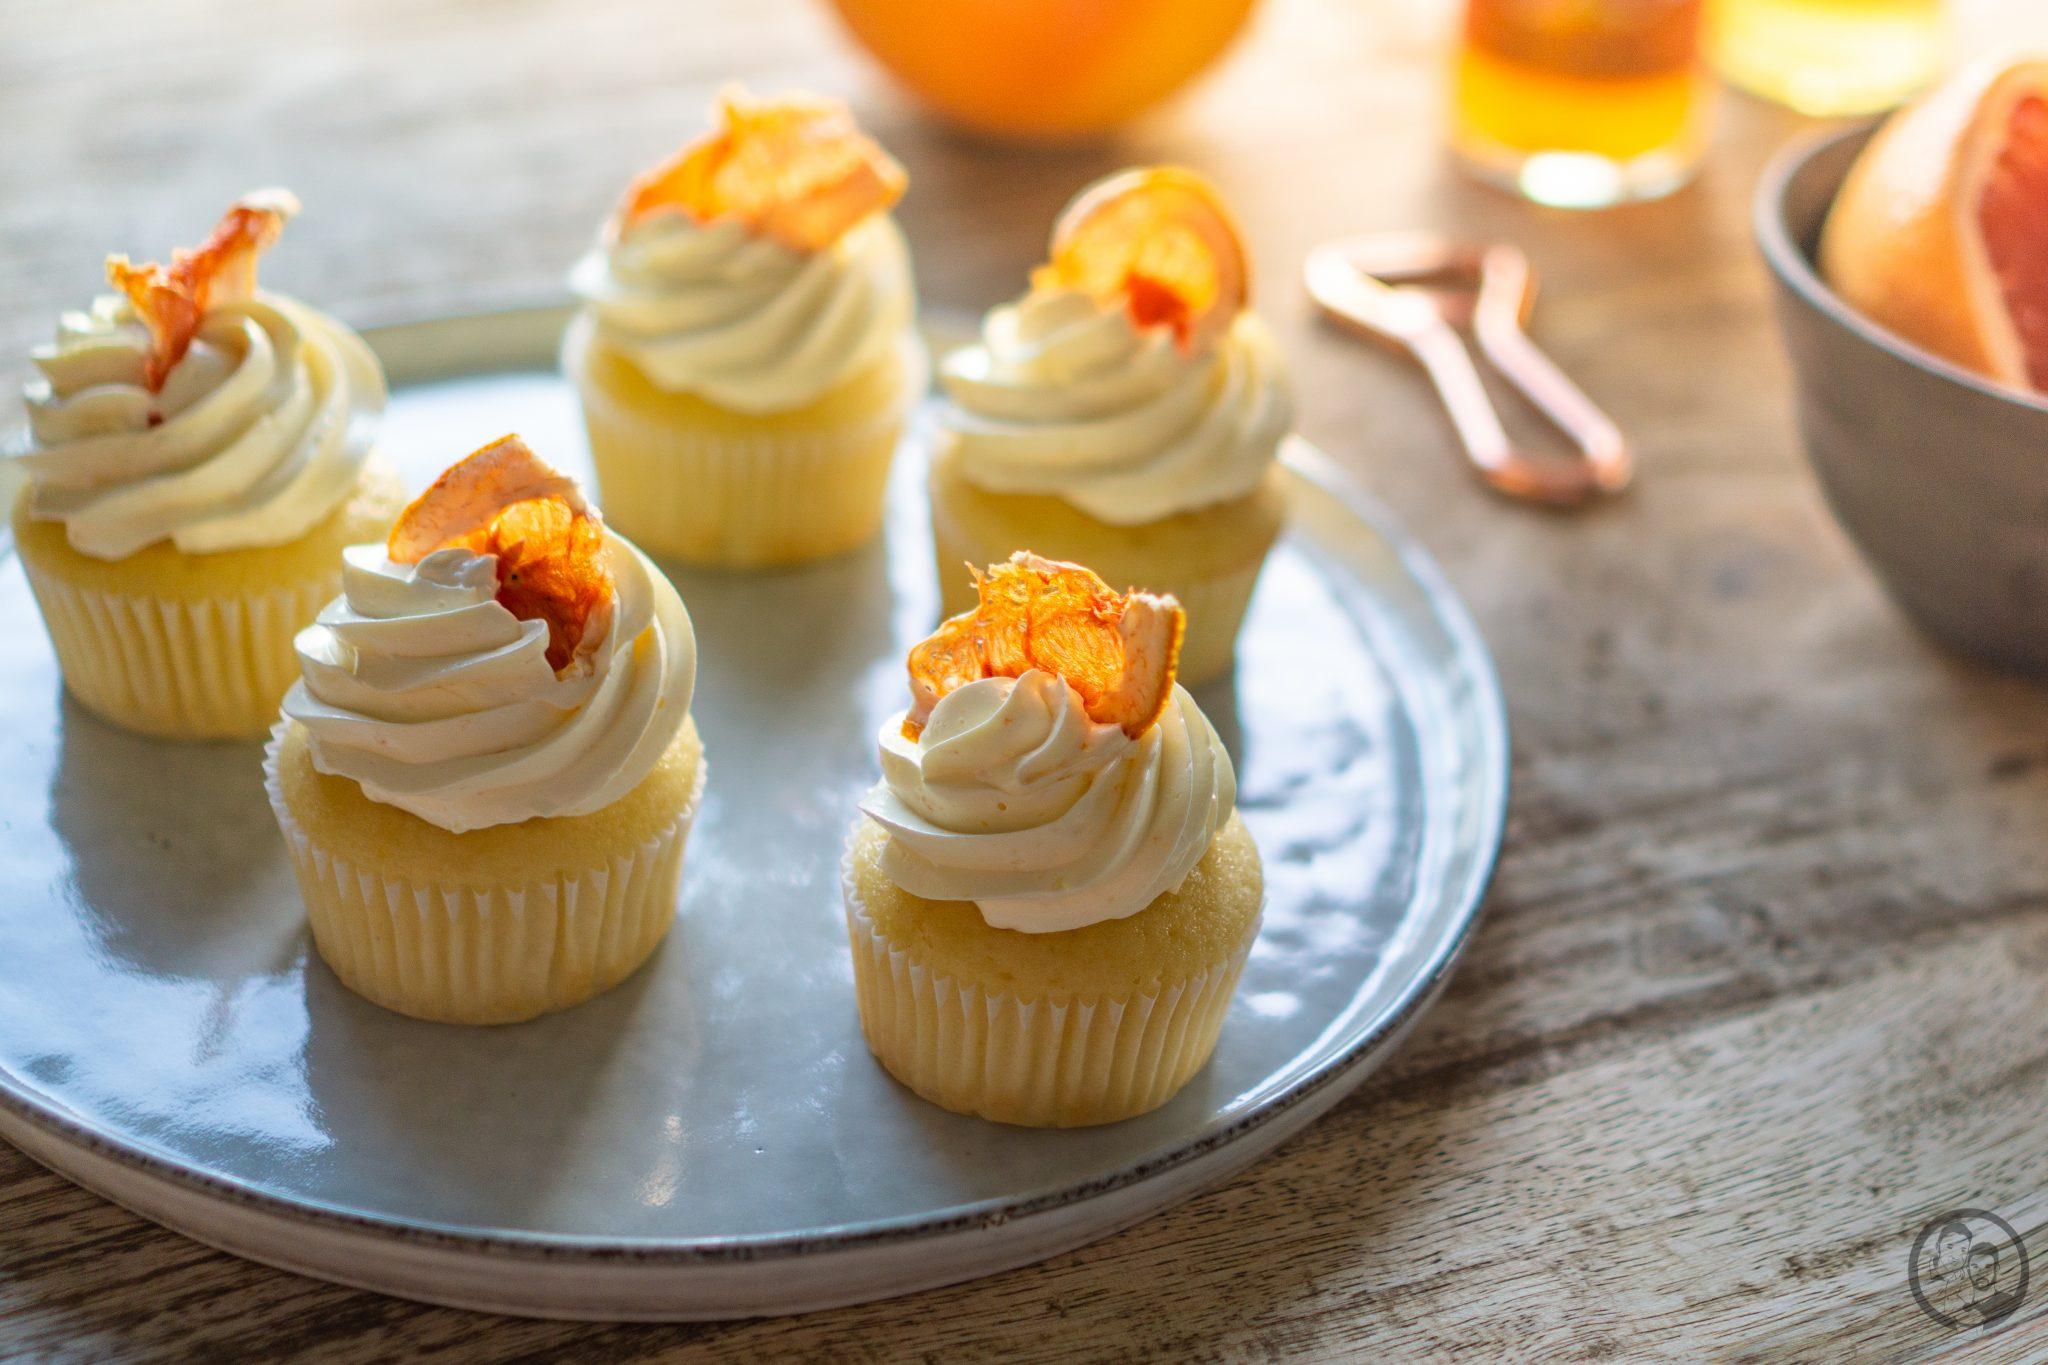 Cupcakes auf Platte